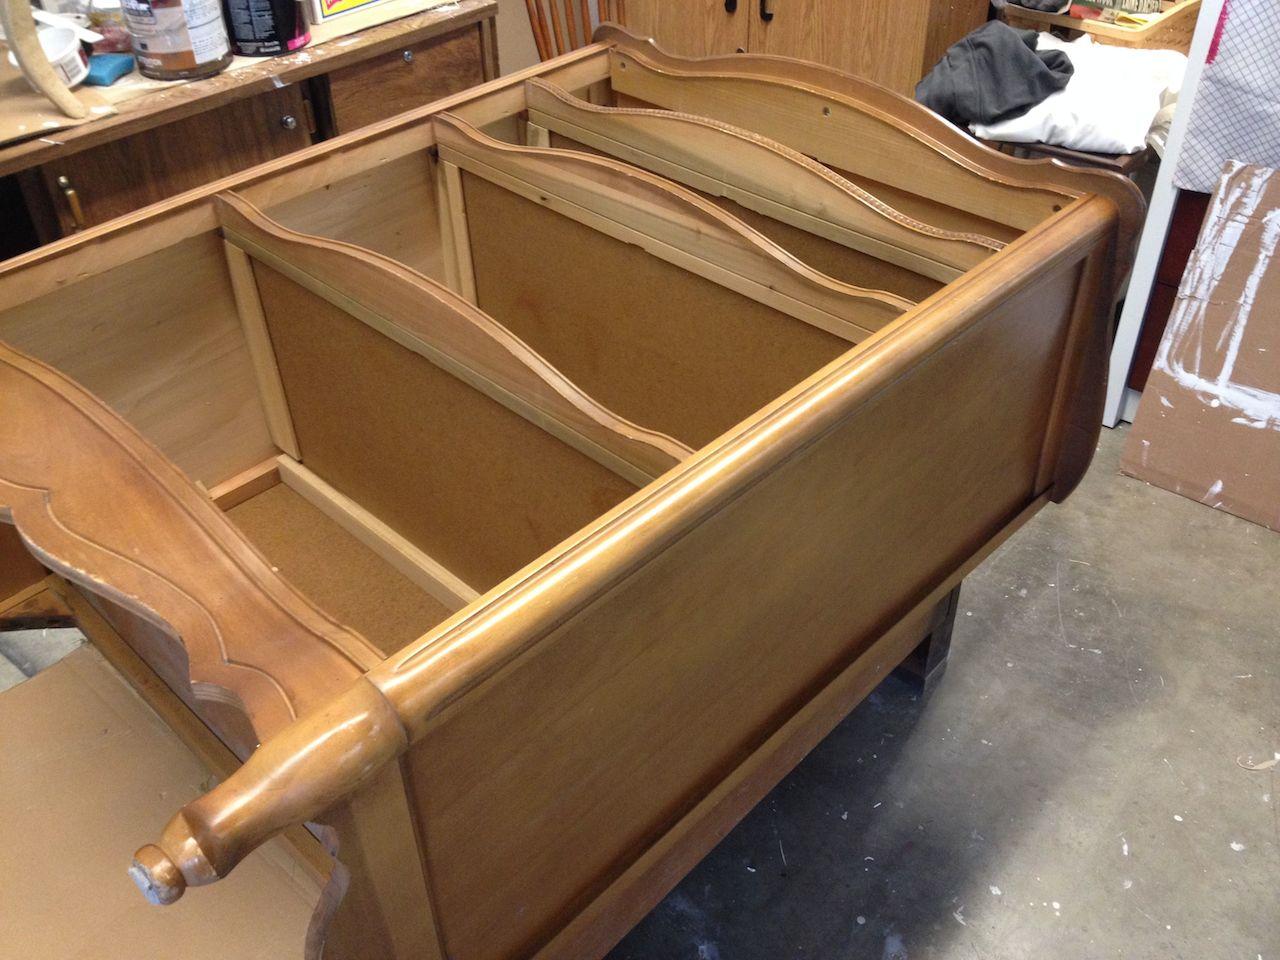 Repeindre un bureau best with repeindre un bureau good - Repeindre un bureau en bois ...